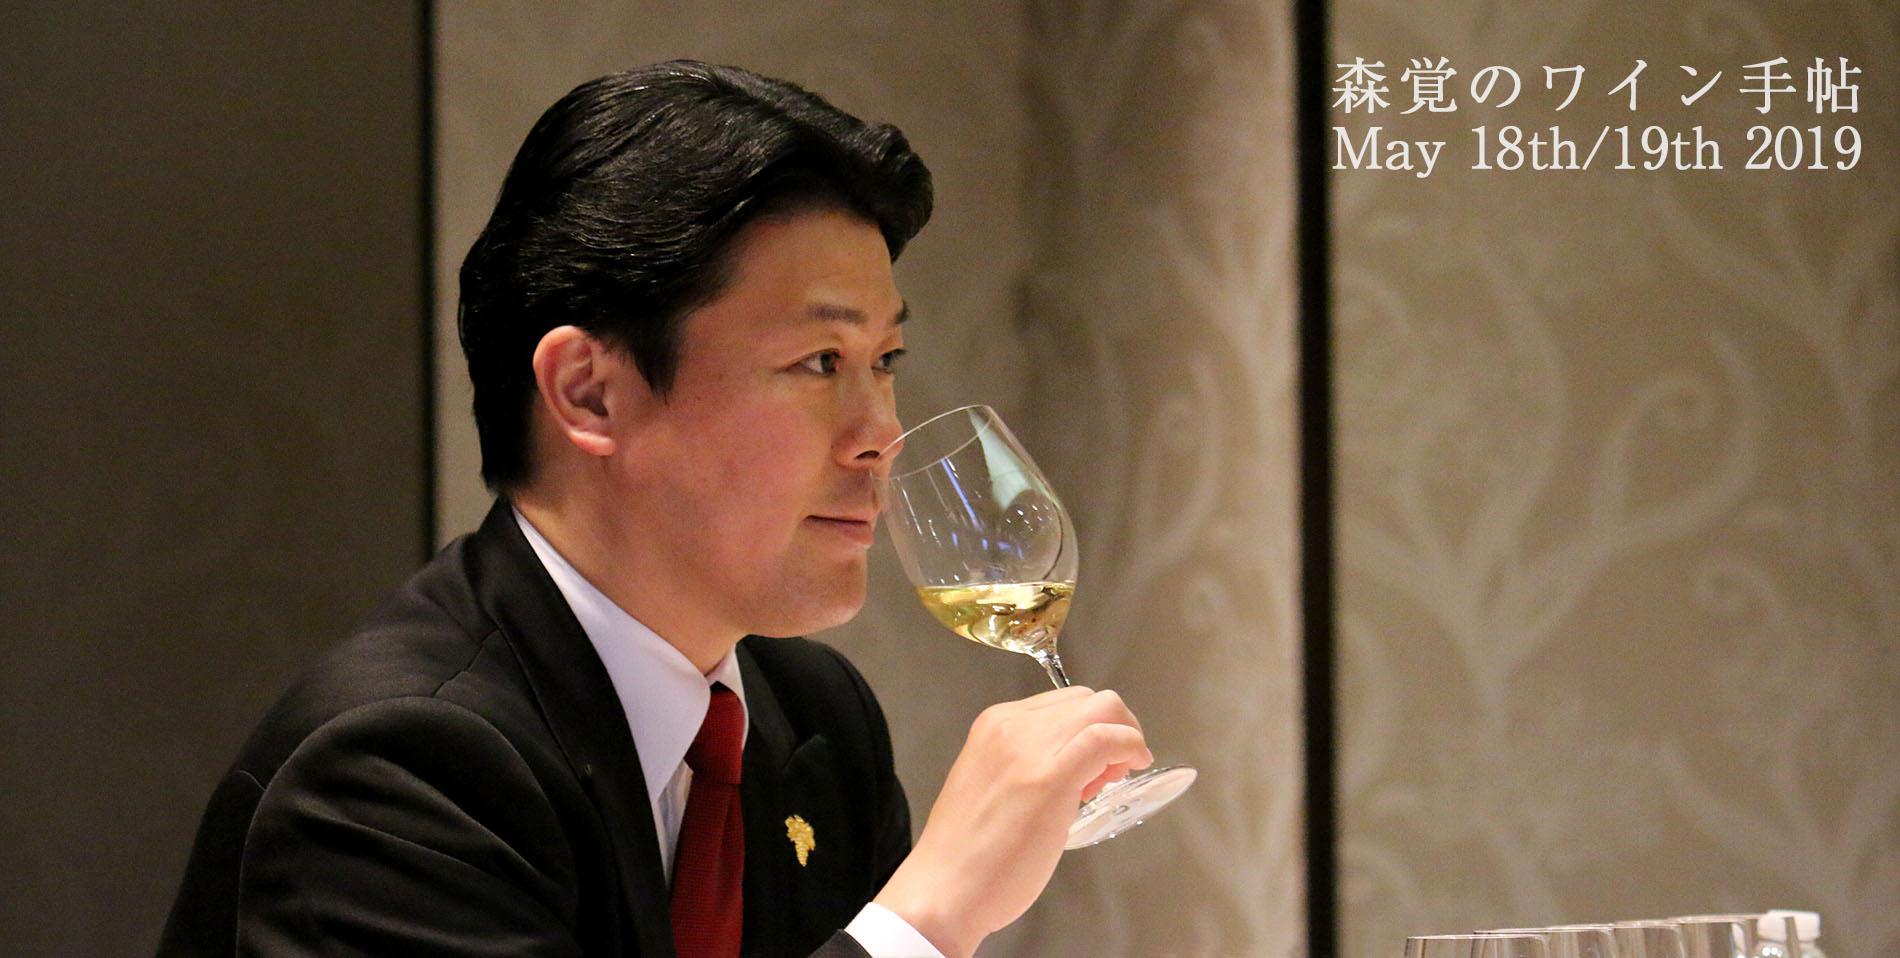 「森覚のワイン手帖」セレクトワインが決定!